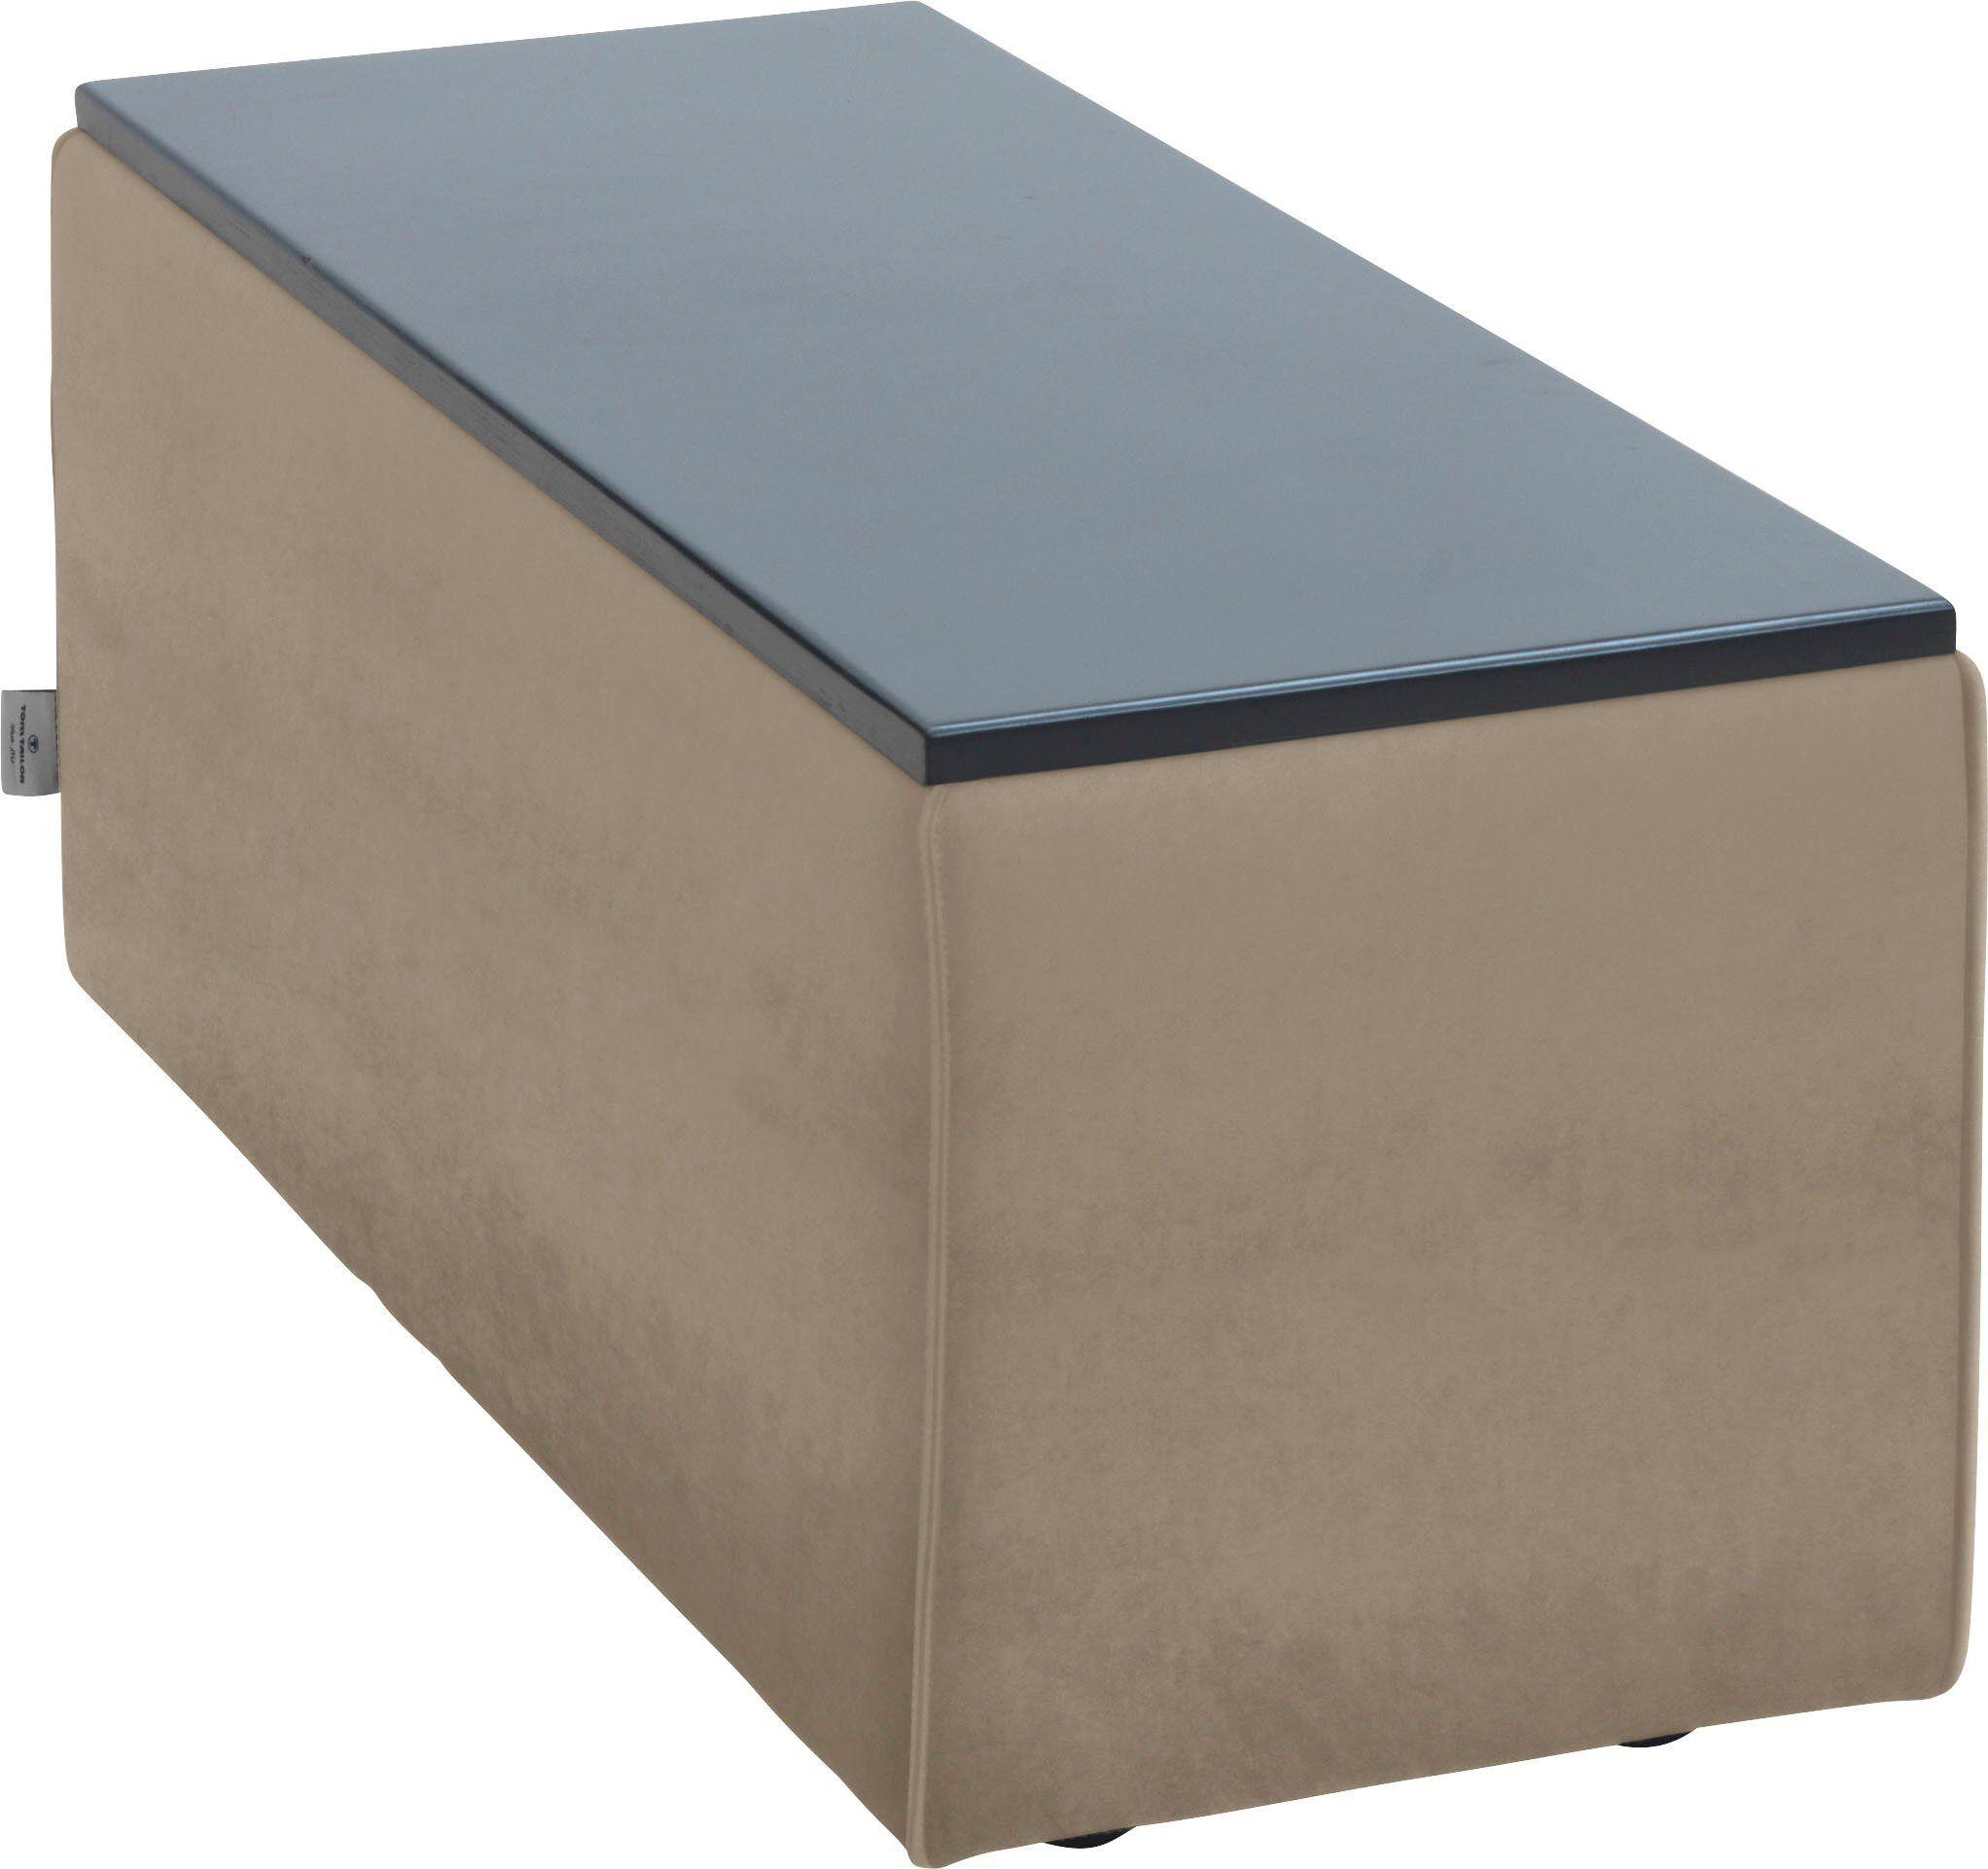 TOM TAILOR Tischelement »ELEMENTS«, Tischplatte schwarz, als Couchtisch oder Sofaelement einsetzbar, dune TSV 12